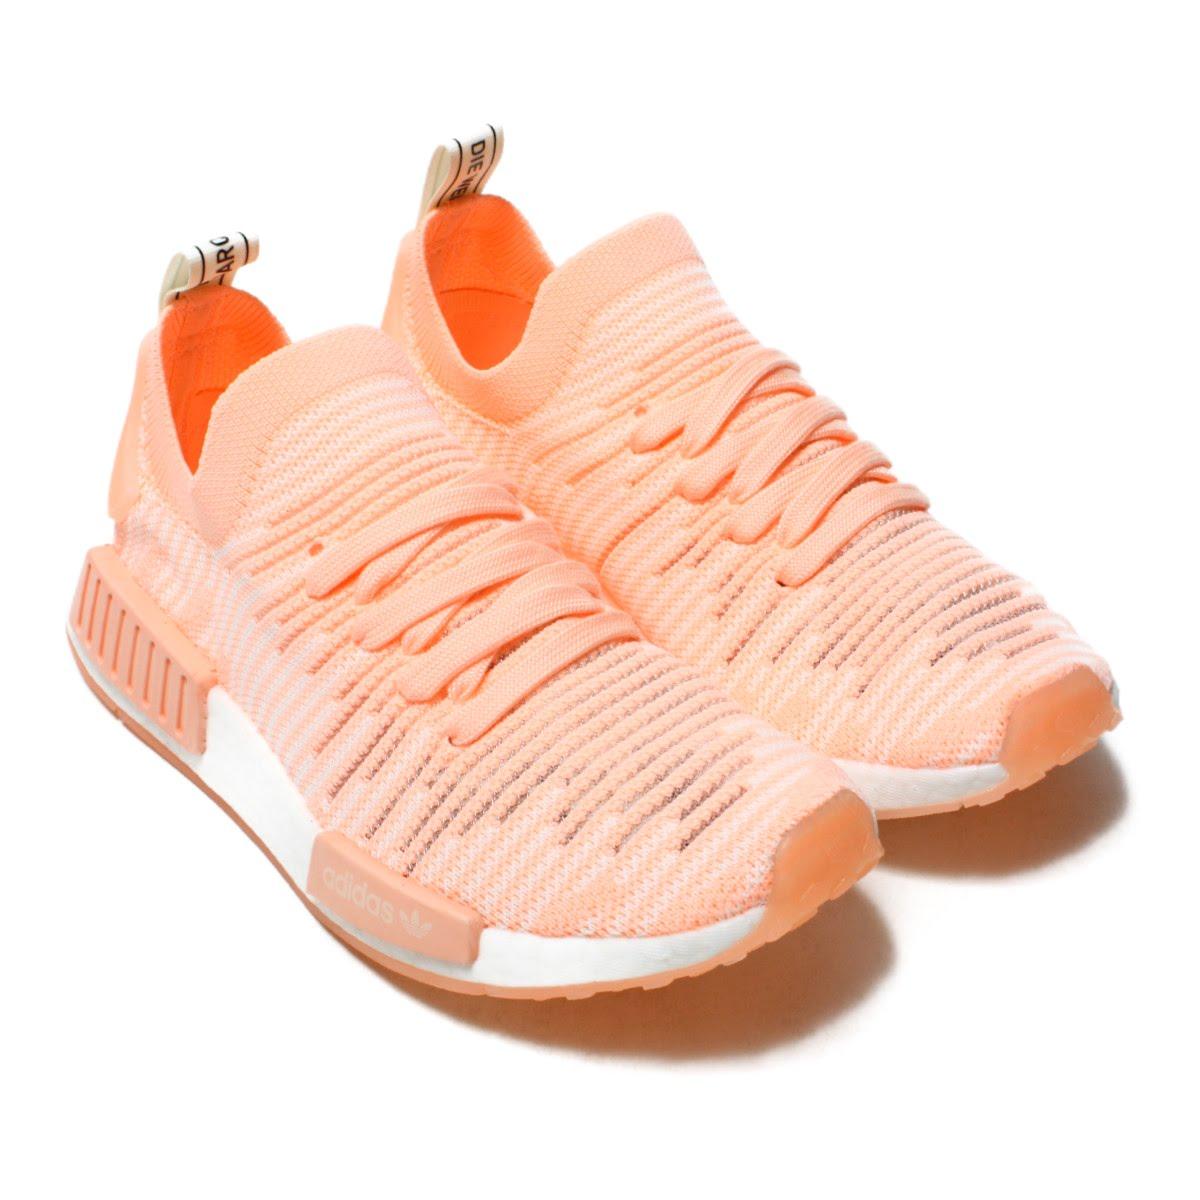 おすすめ adidas Orange/Cloud W)Clear Originals NMD_R1 STLT PK W(アディダス エヌエムディーR1STLT PK Orange/Clear W)Clear Orange/Clear Orange/Cloud White【メンズ レディース スニーカー】18FW-I, サニーサイドガーデン:ef30c650 --- canoncity.azurewebsites.net